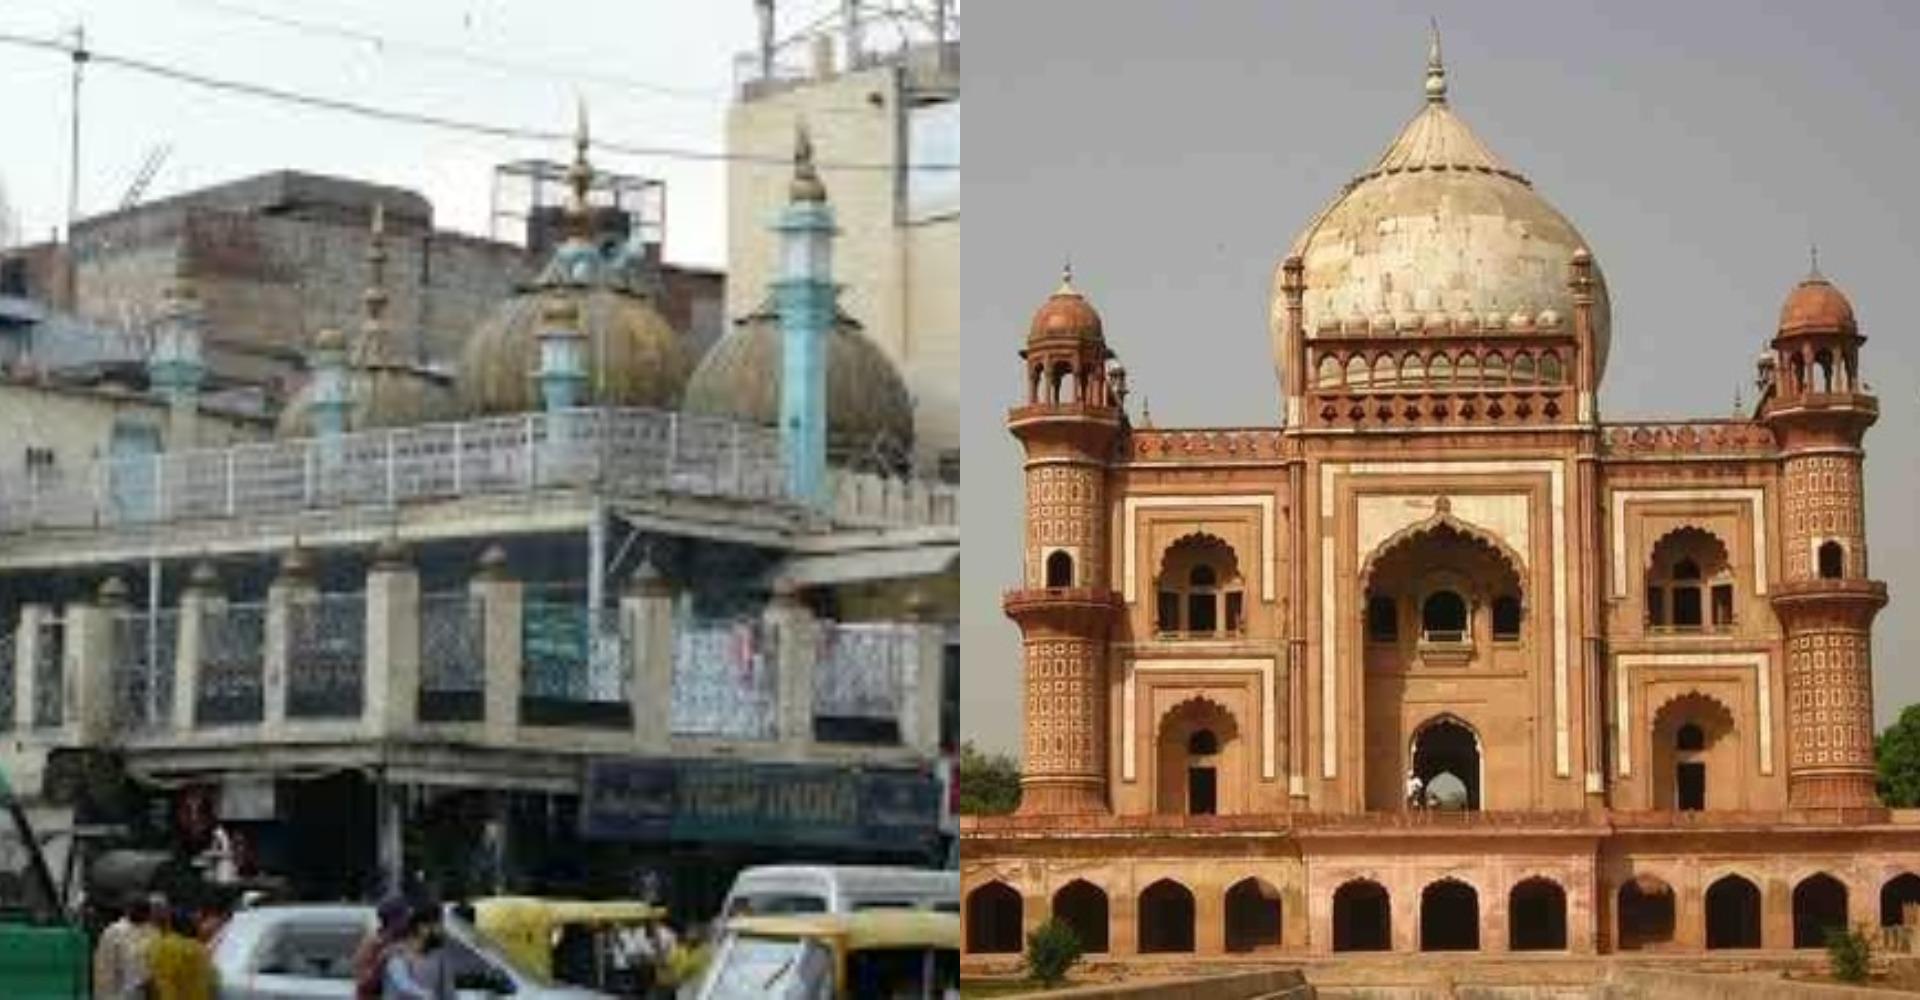 Unlock 1: लंबे समय से लॉकडाउन के बाद दिल्ली में आज से 10 ऐतिहासिक मस्जिदें और मकबरे खुल गए जहा होती है इबादत